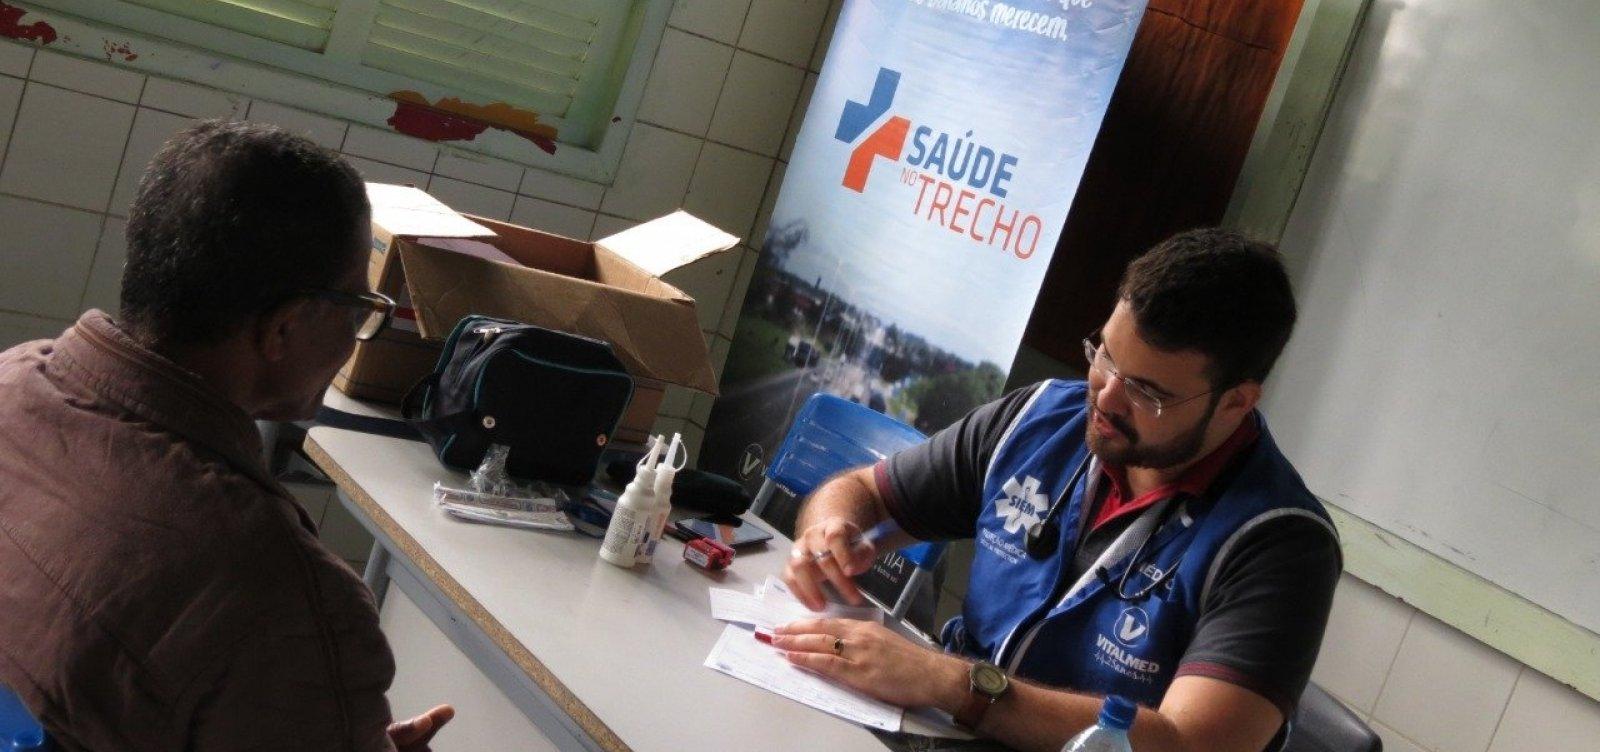 Projeto leva atendimento médico gratuito para cidades baianas na próxima semana